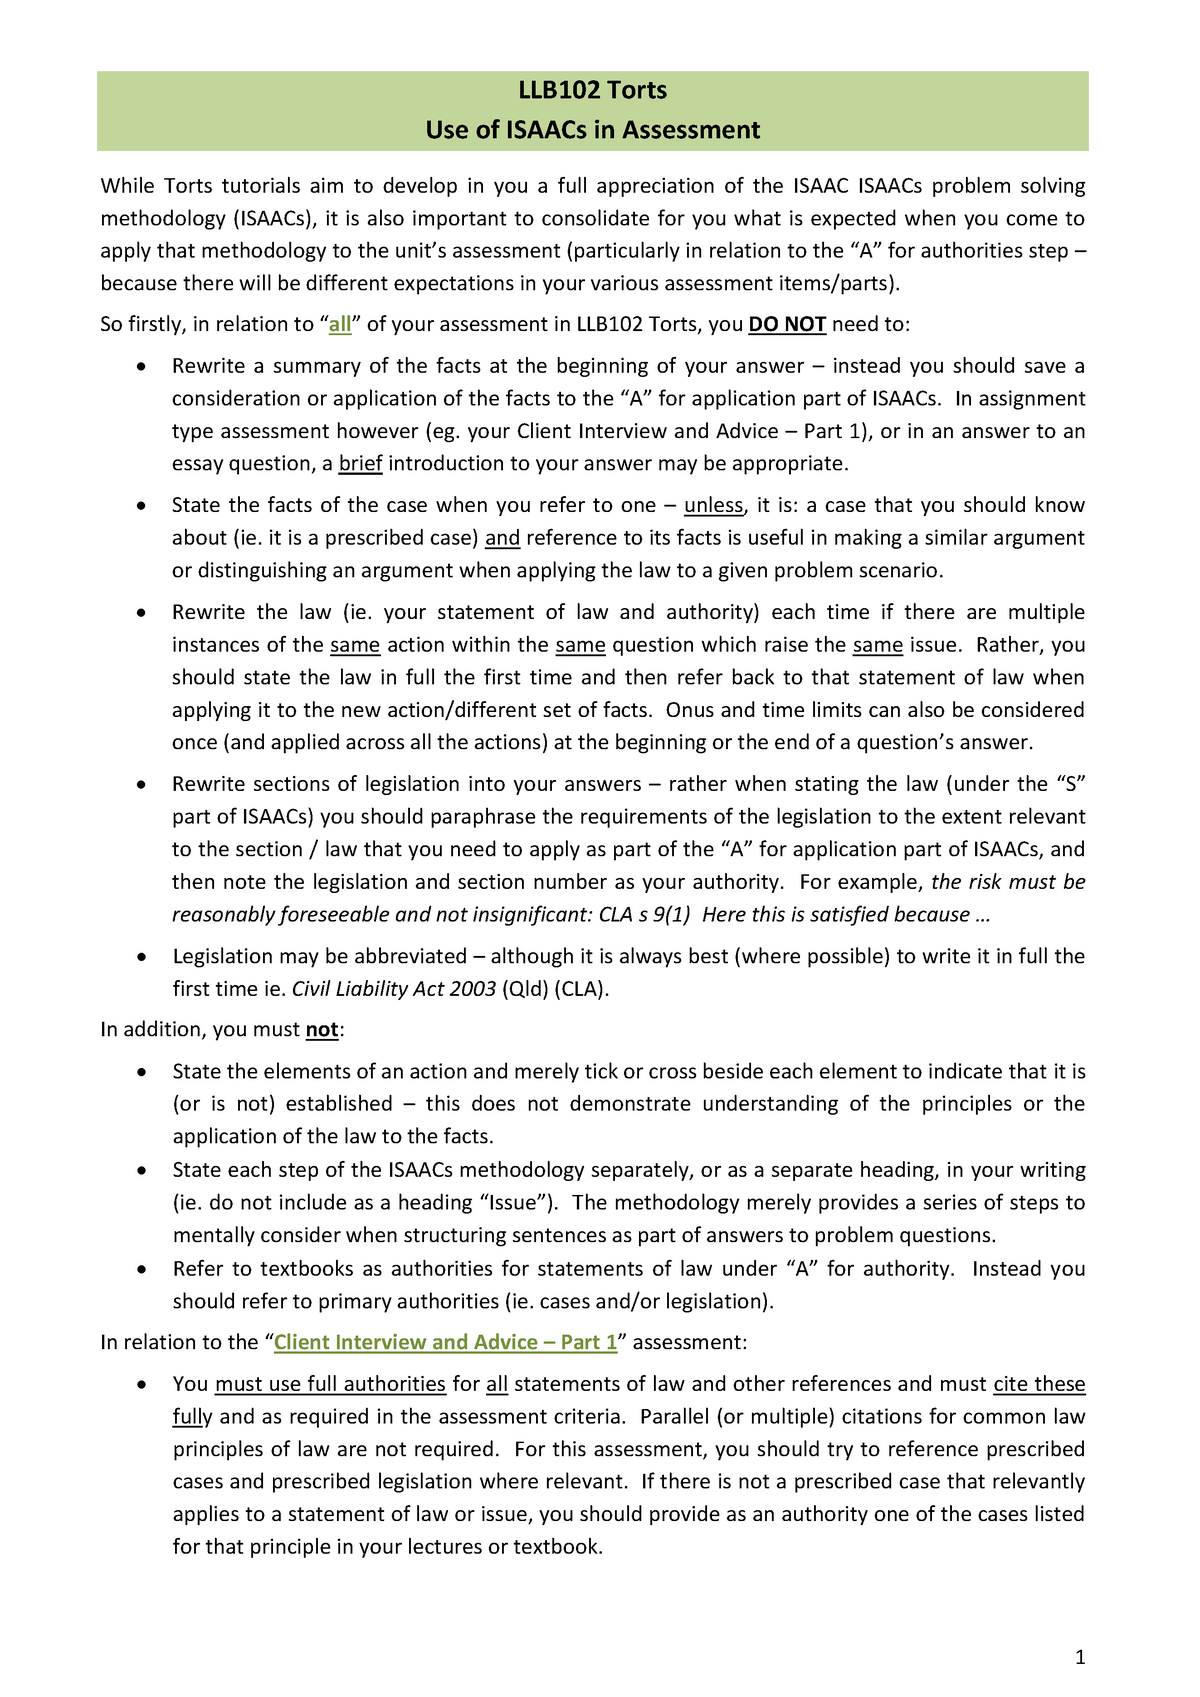 LLB102 Torts - Isaacs in Assessment - QUT - StuDocu